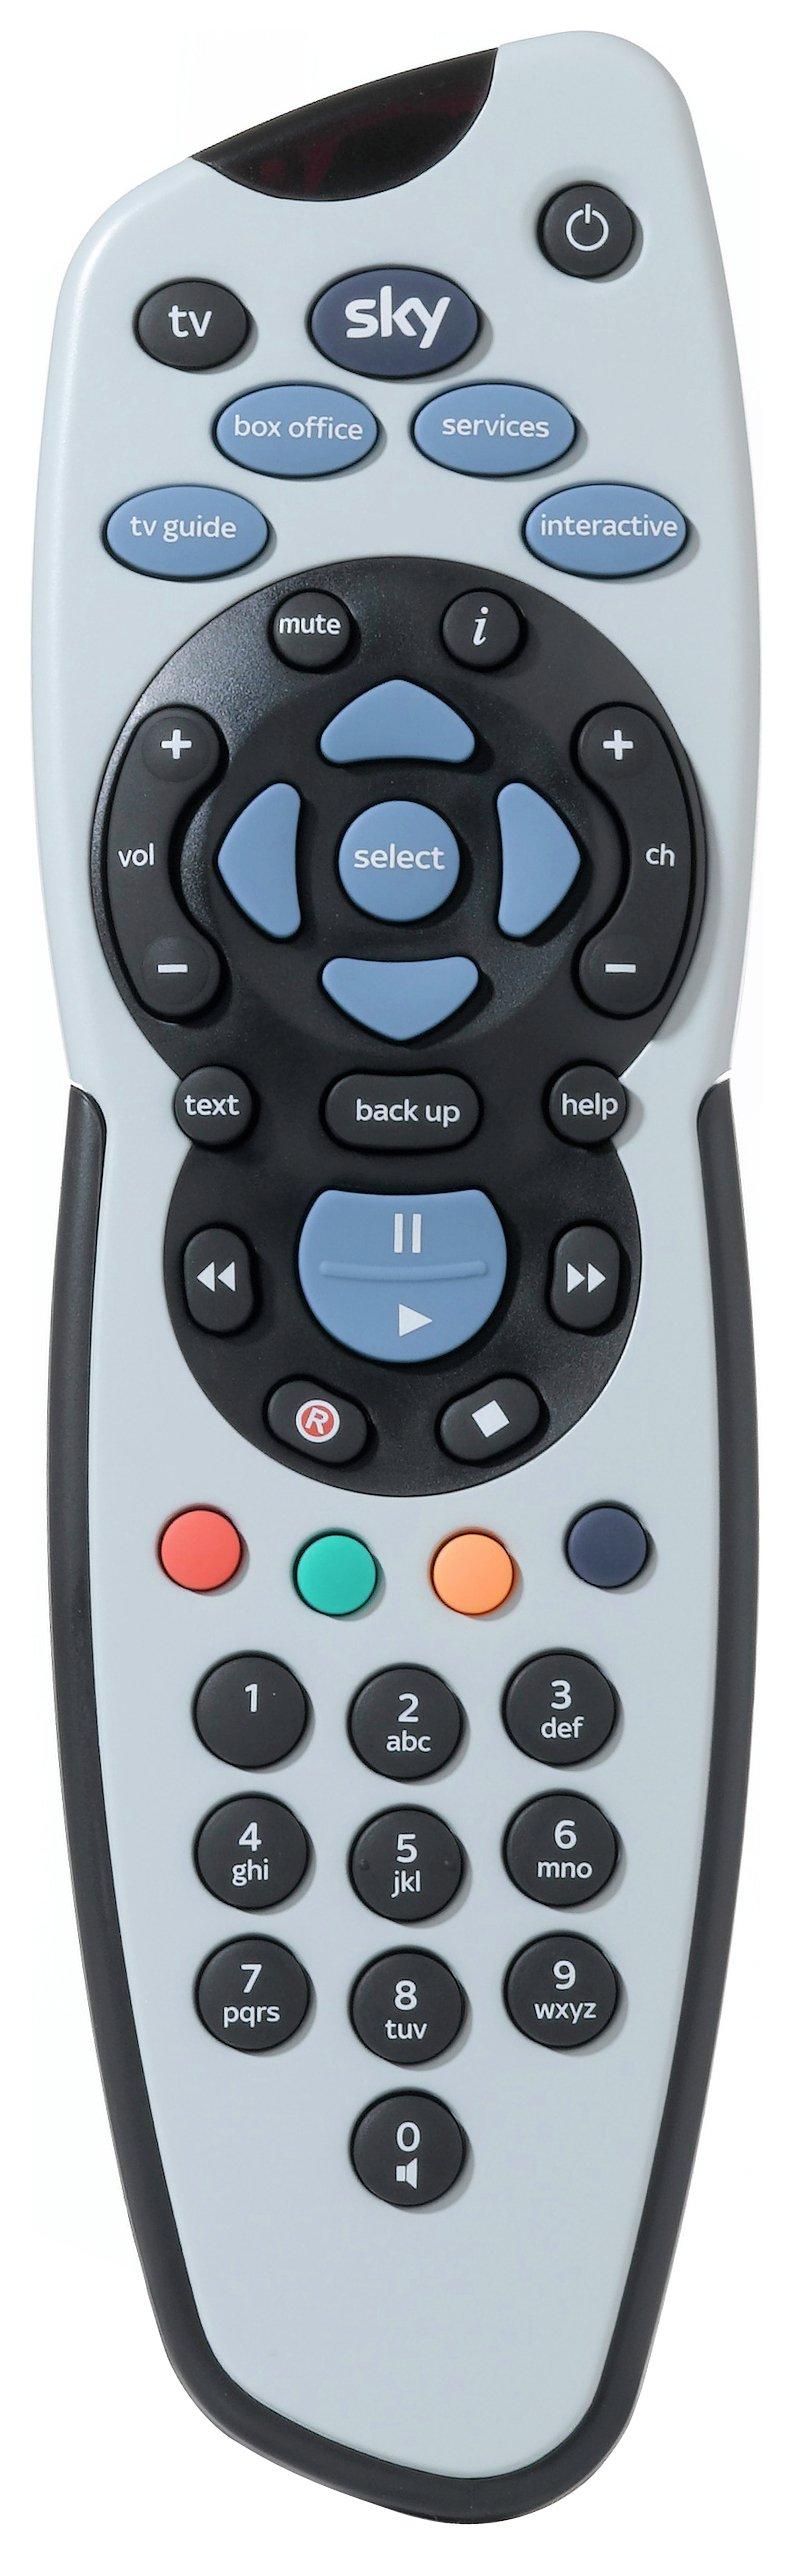 Sky Sky+ Remote Control.